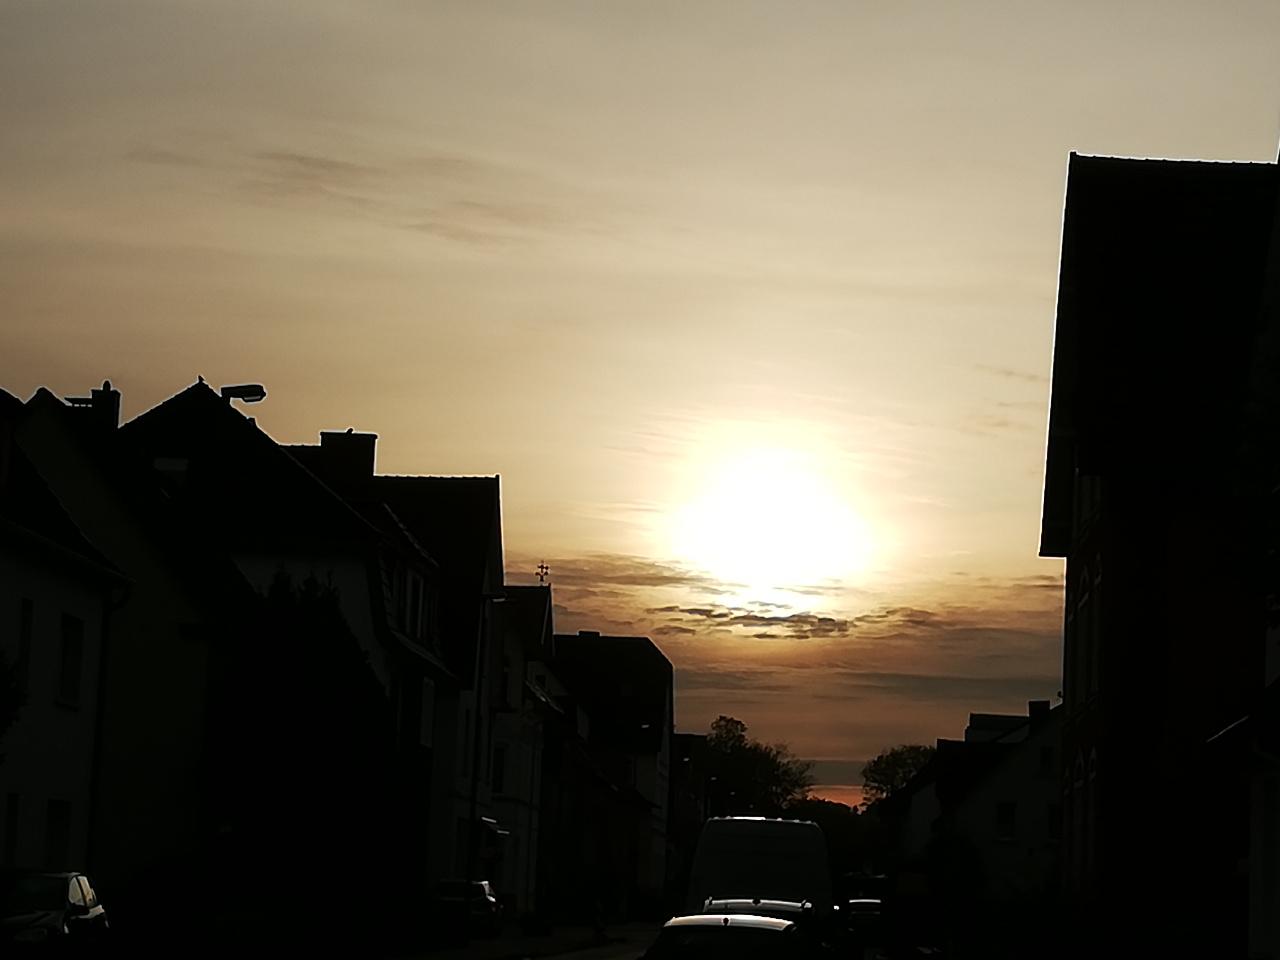 November, Tod, verbindliche Beziehungen, alleinerziehend, Einsamkeit